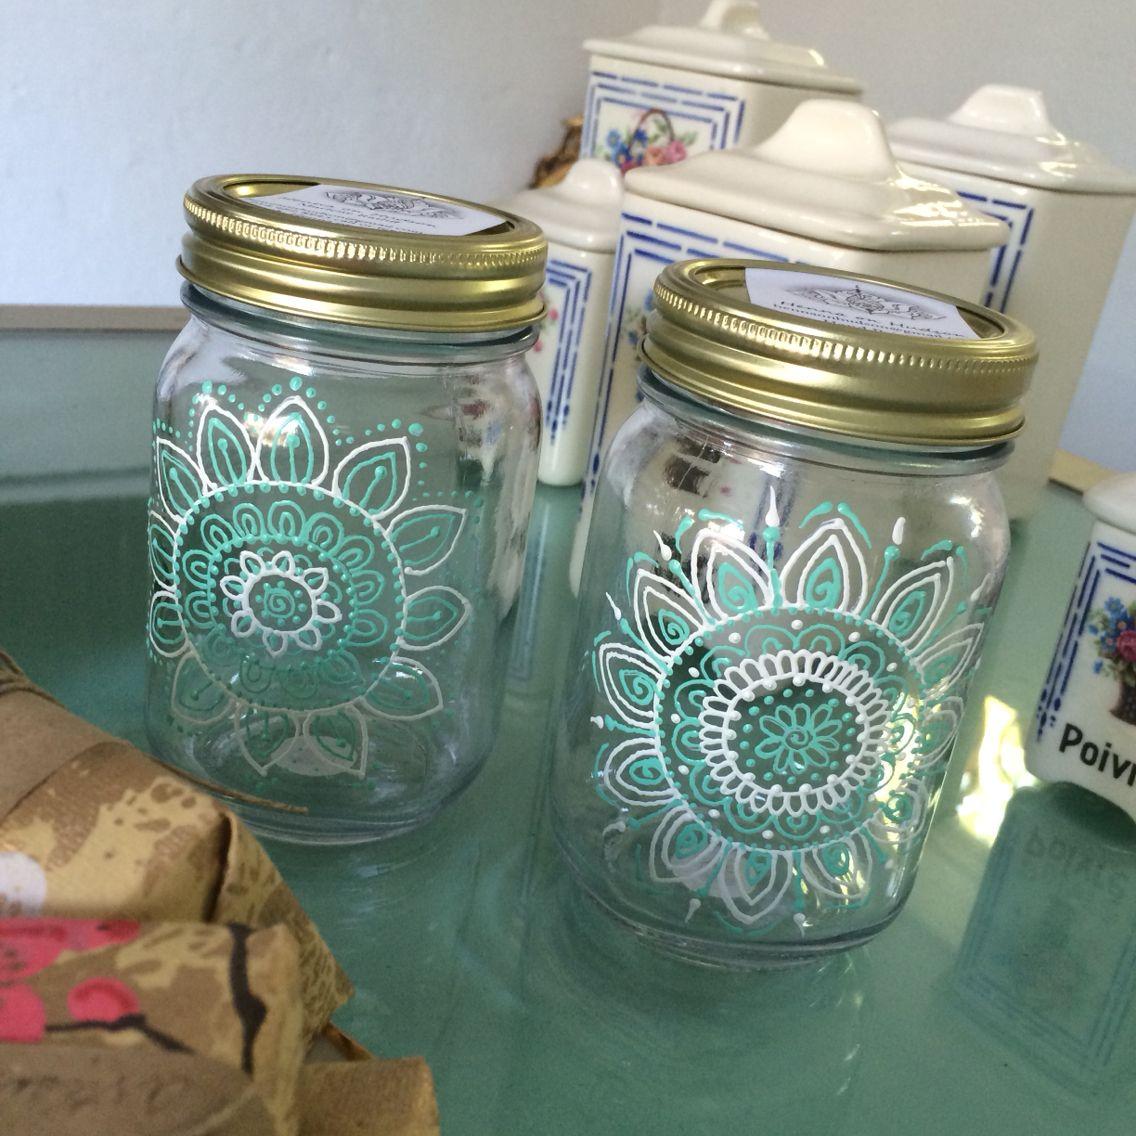 Mandalas on jars artesanato pinterest mandalas y frascos - Diy frascos decorados ...